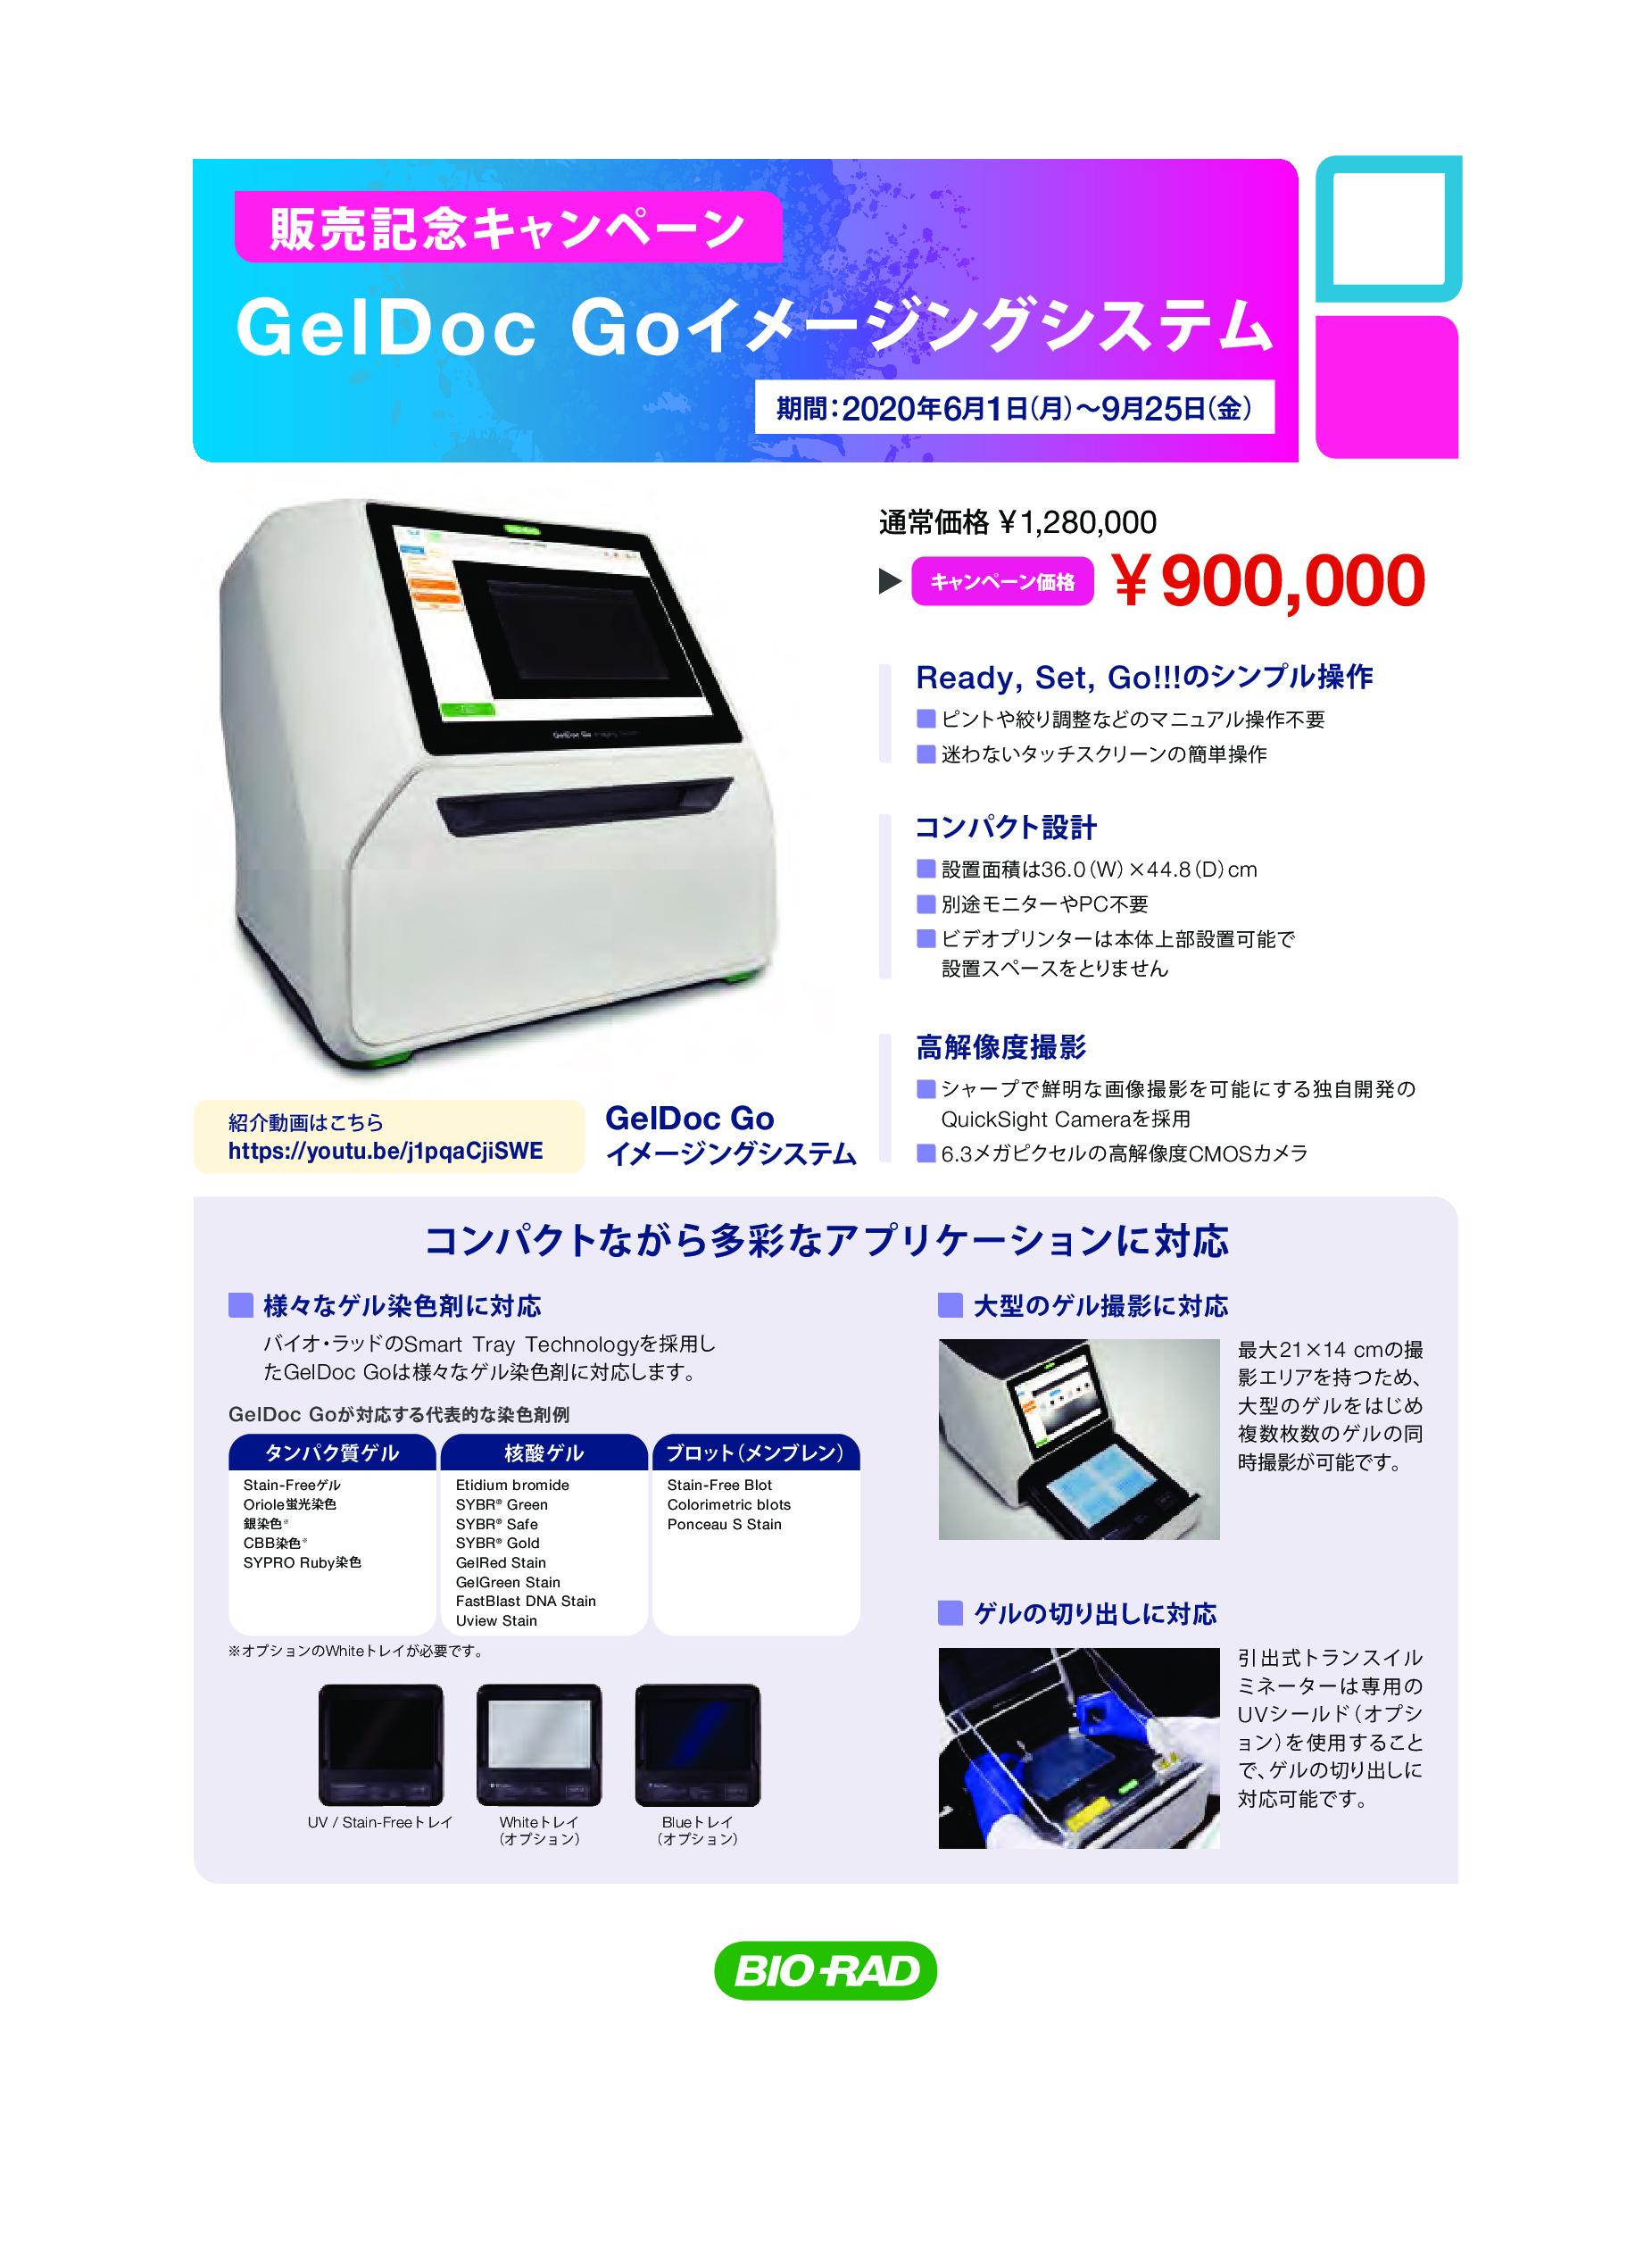 Bio-Rad GelDoc Go イメージングシステムの発売を記念してキャンペーンを実施!